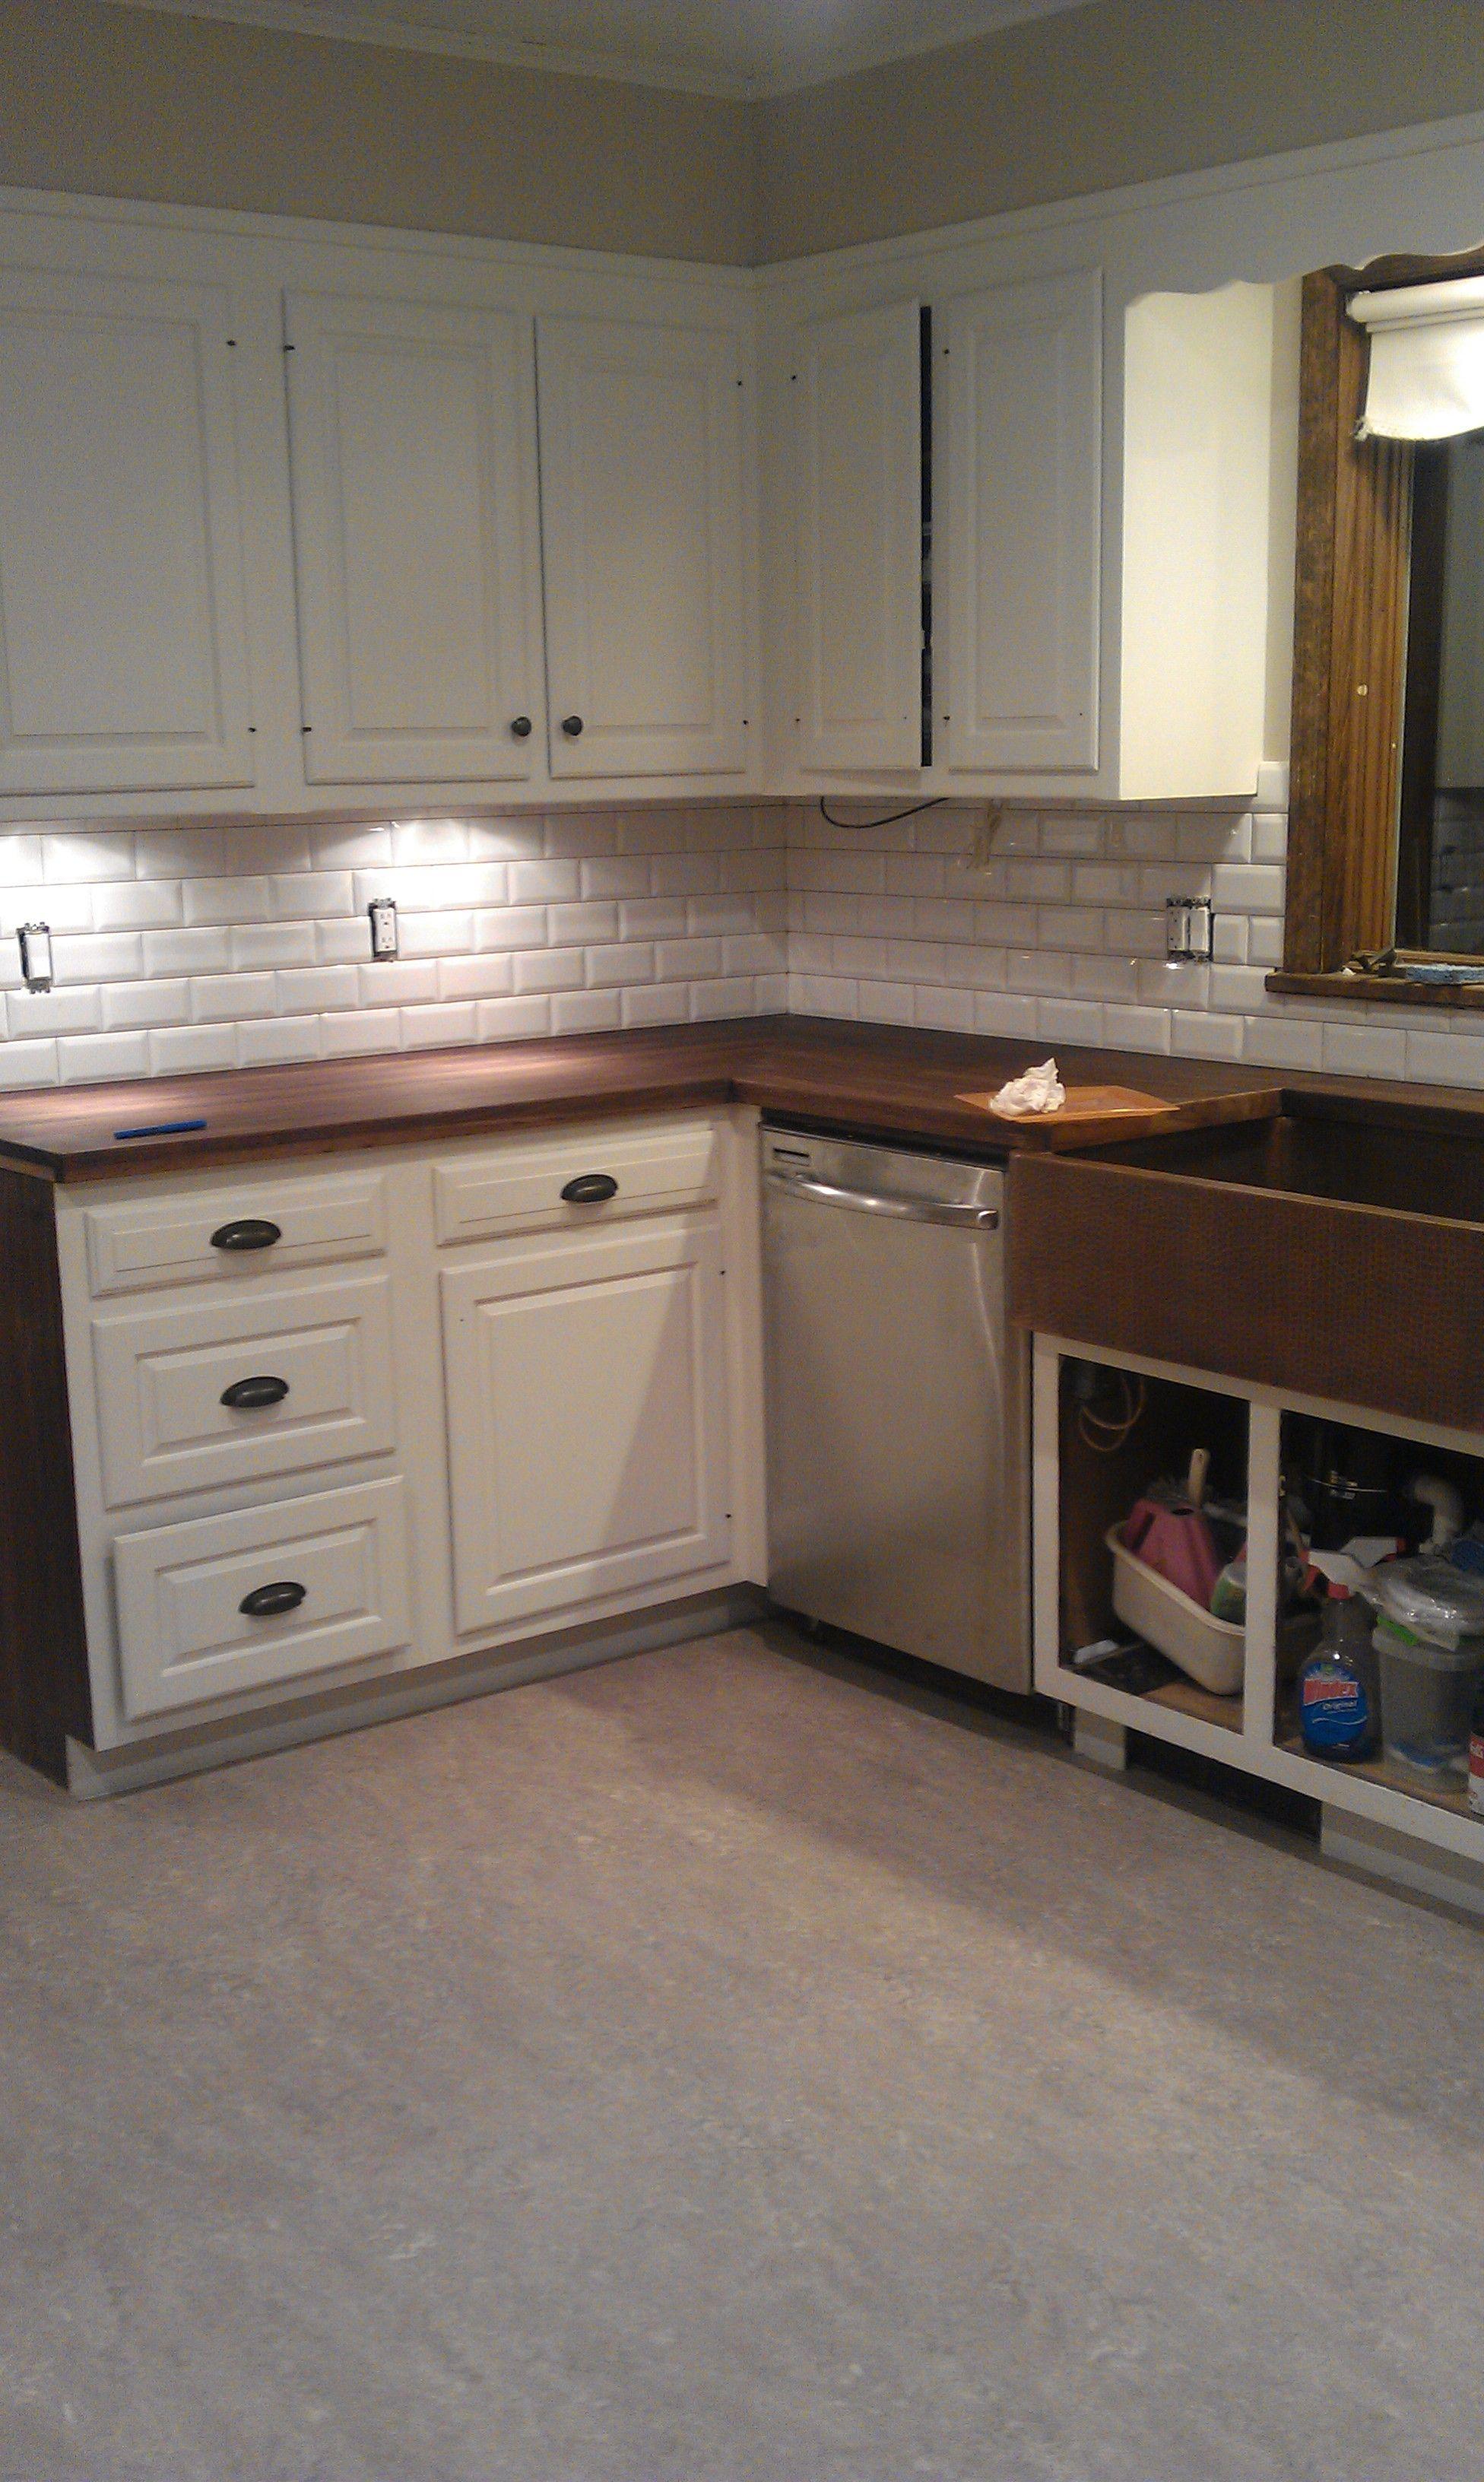 Marmoleum flooring in kitchen | Kitchen | Pinterest | Kitchens ...